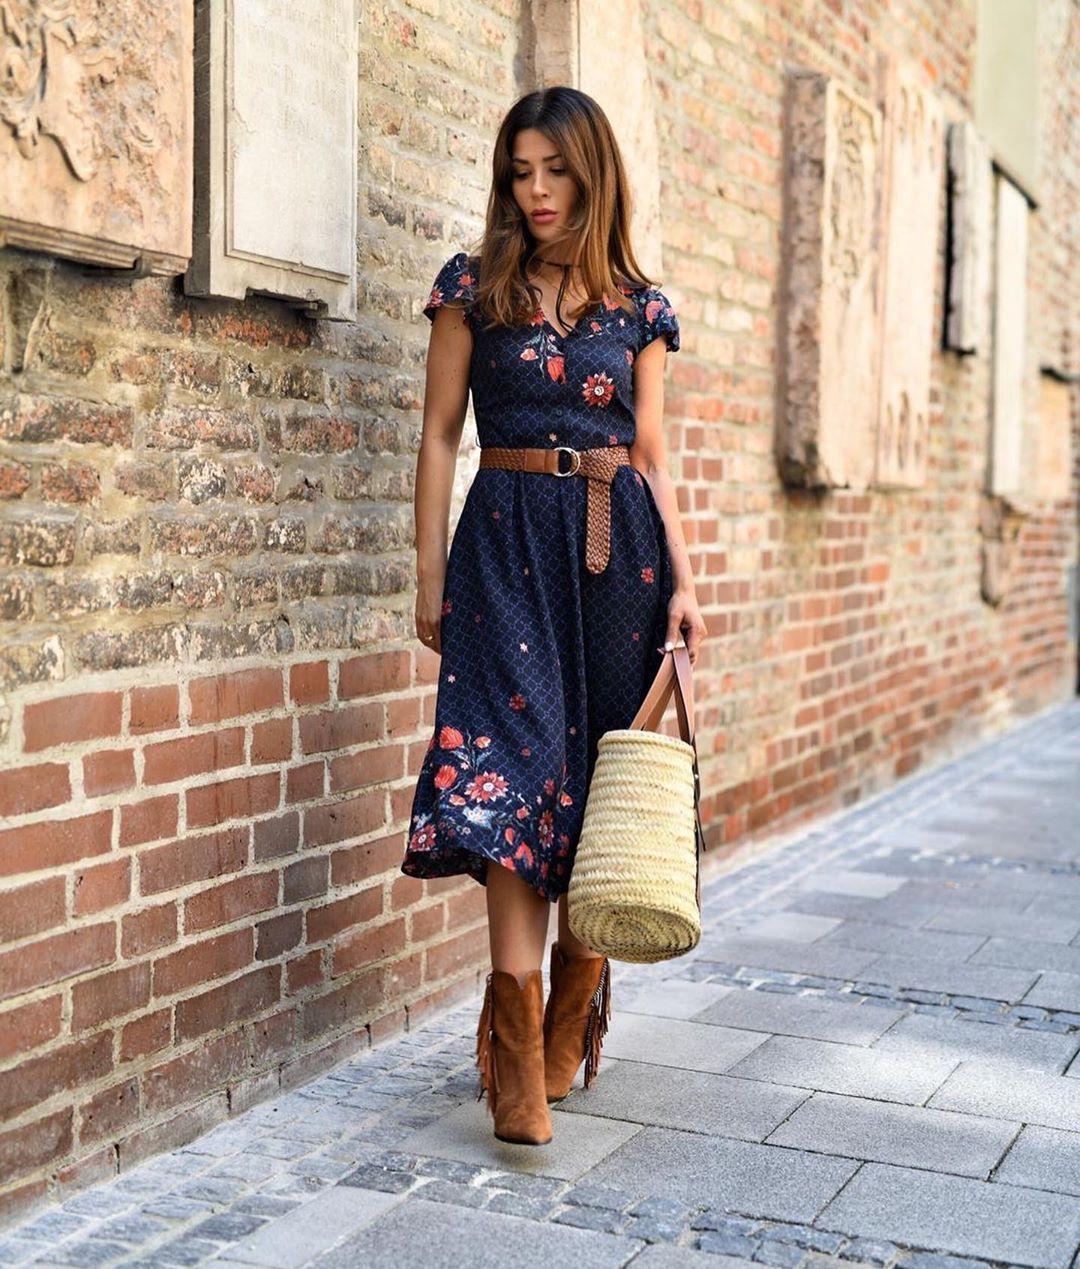 Неповторимый образ - 9 прекрасных примеров пправильного подбора аксессуаров к летнему платью мода,модные советы,Наряды,образ,Платья,стиль